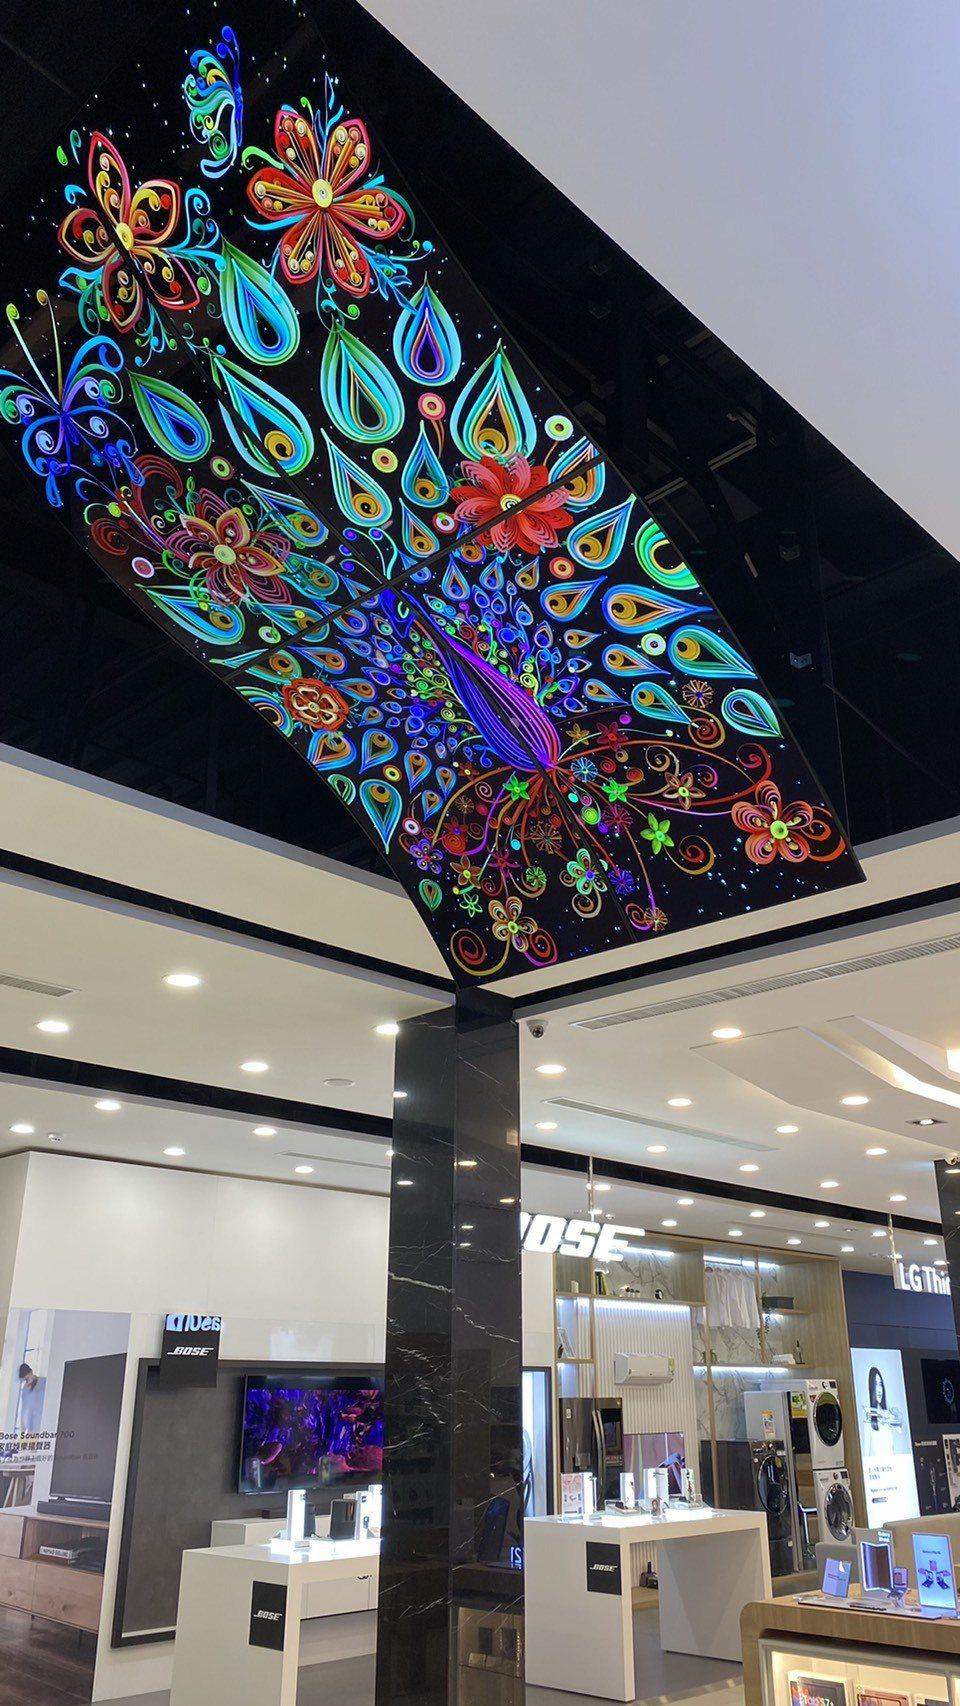 首度在台亮相的LG OLED 100吋曲面顯示器。圖/燦坤提供